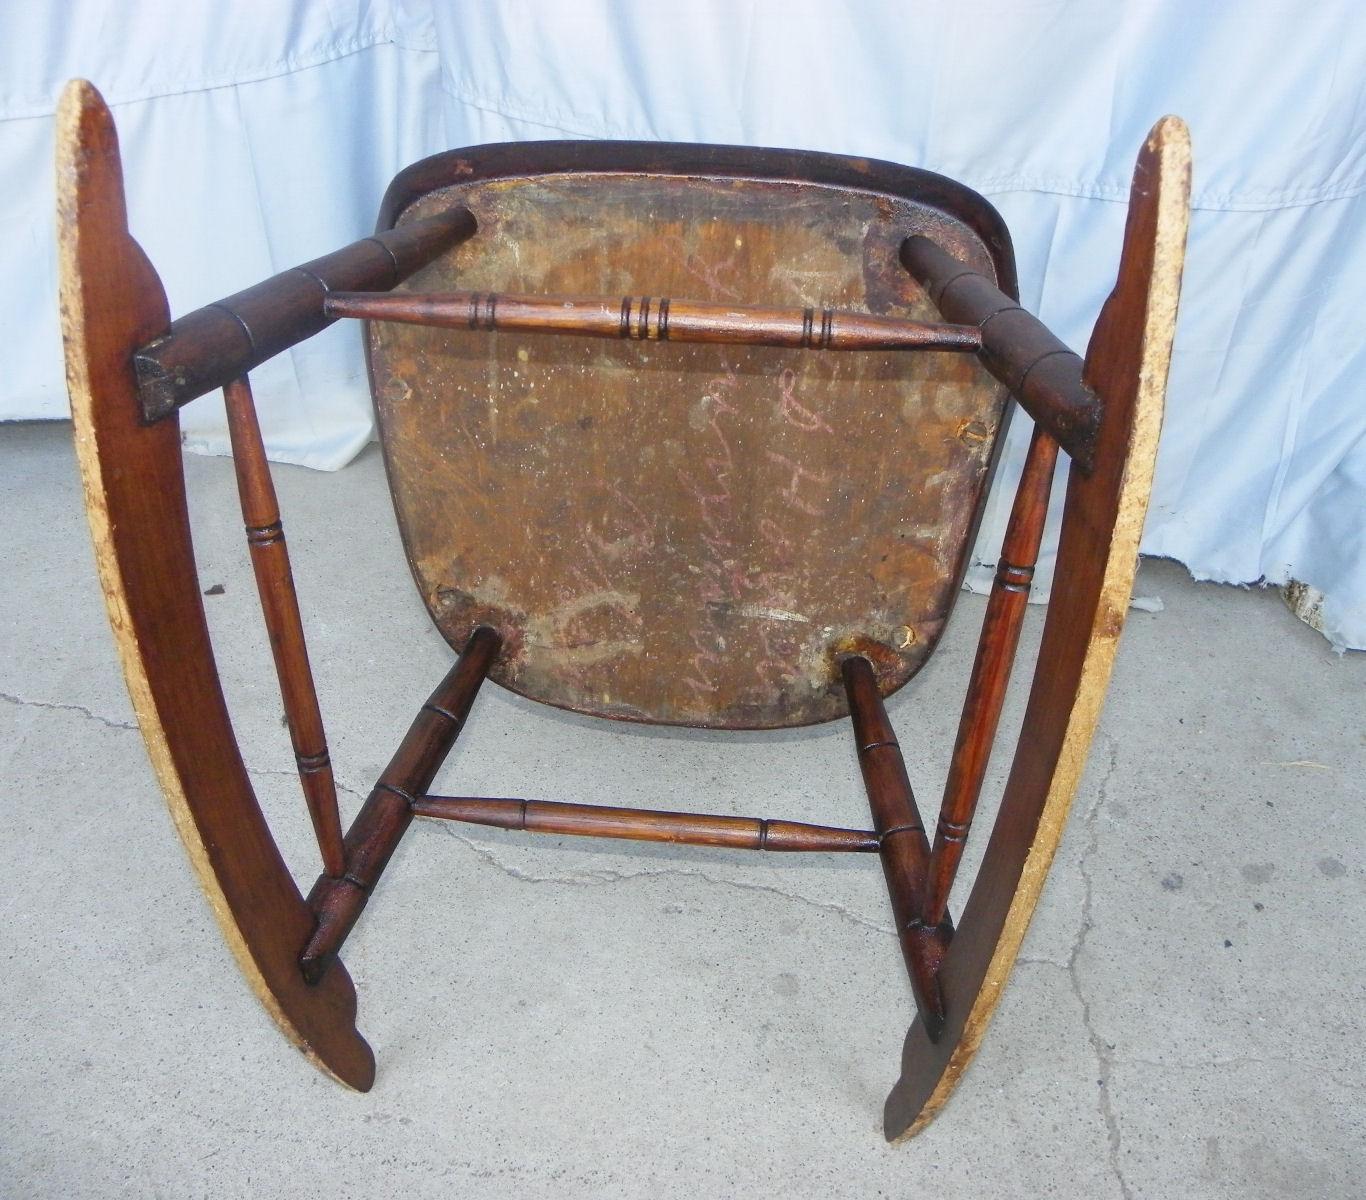 Bargain Johns Antiques  Antique Primitive Windsor style